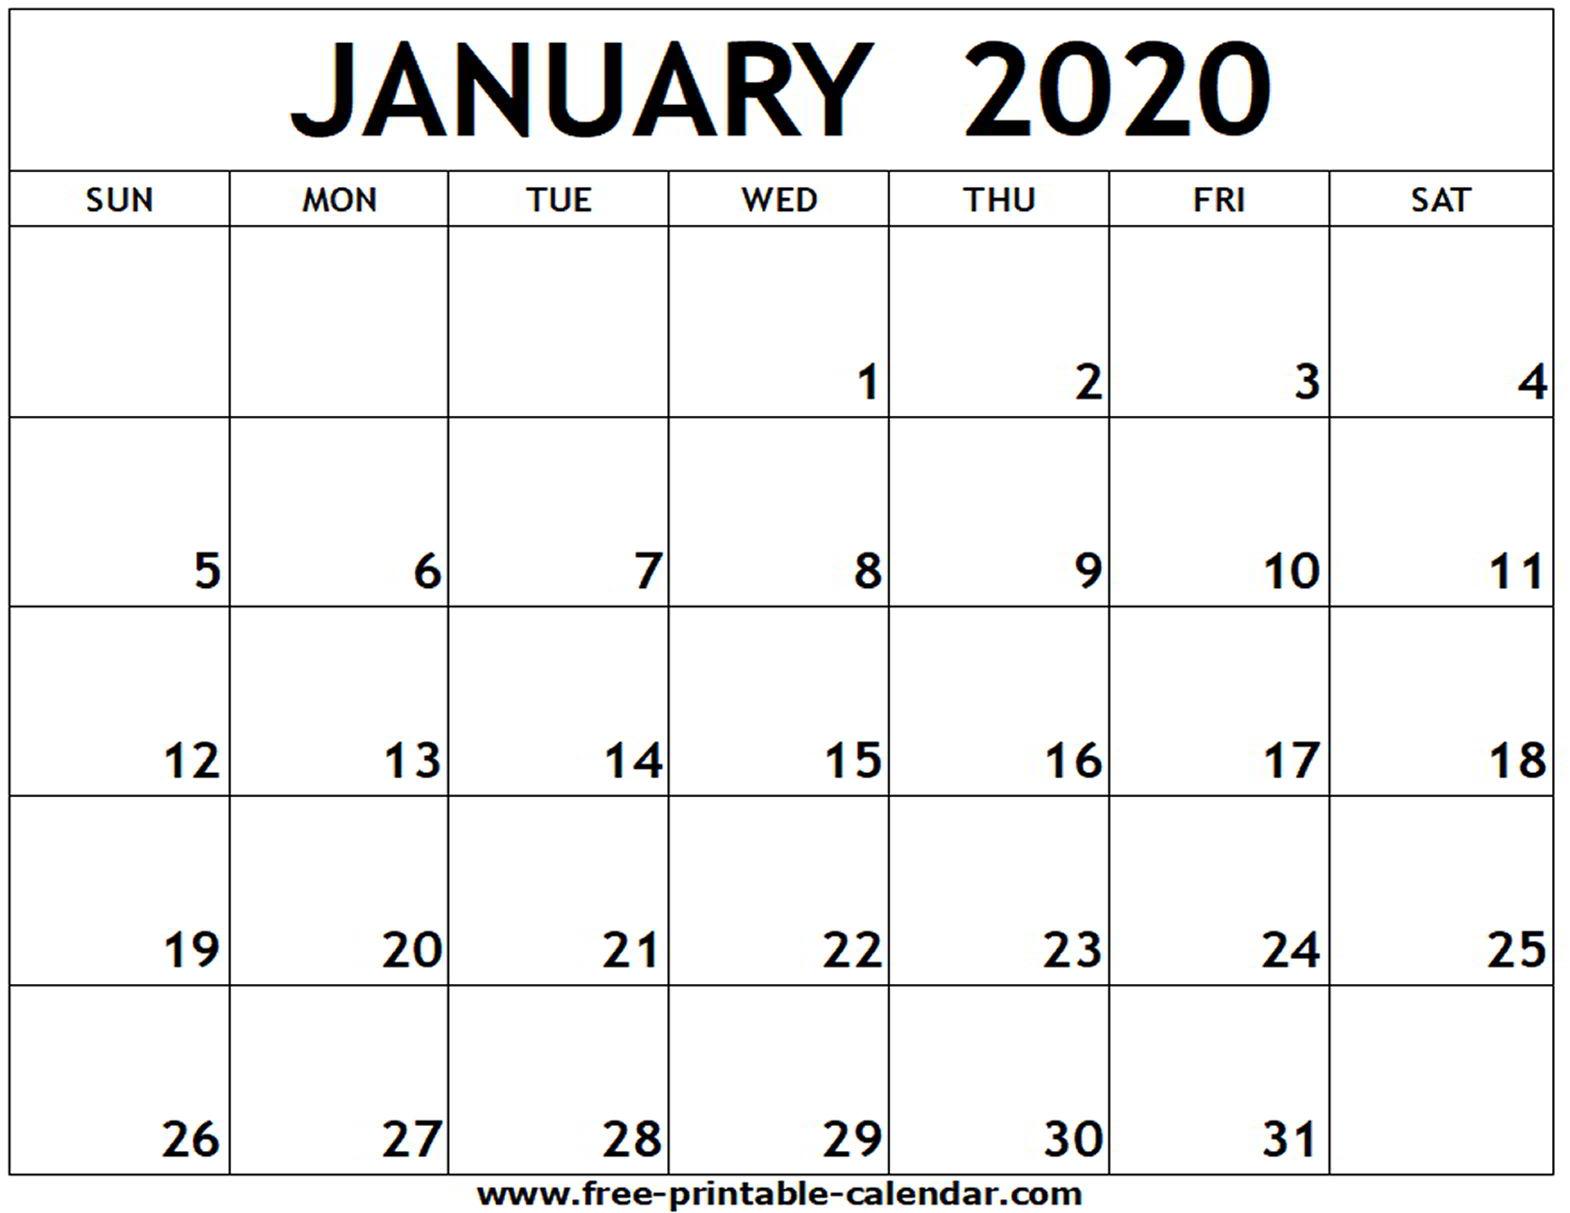 Free Printable Calendars Com